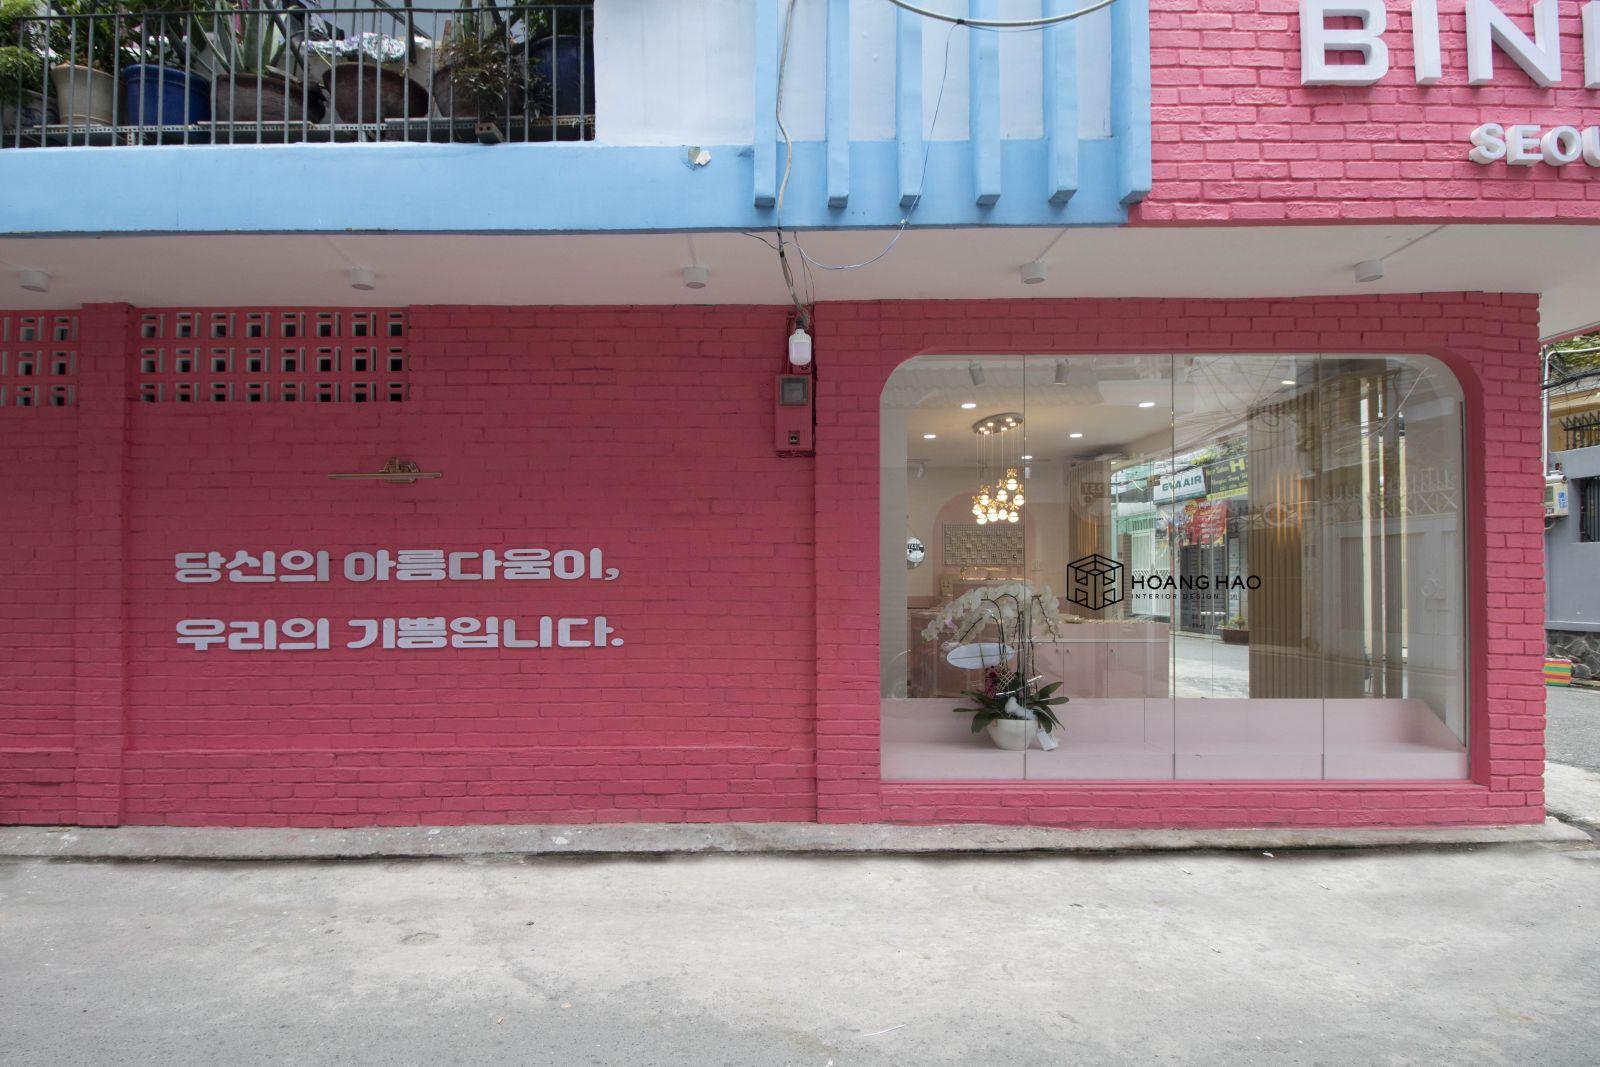 Thi Công Nội Thất Shop Bina